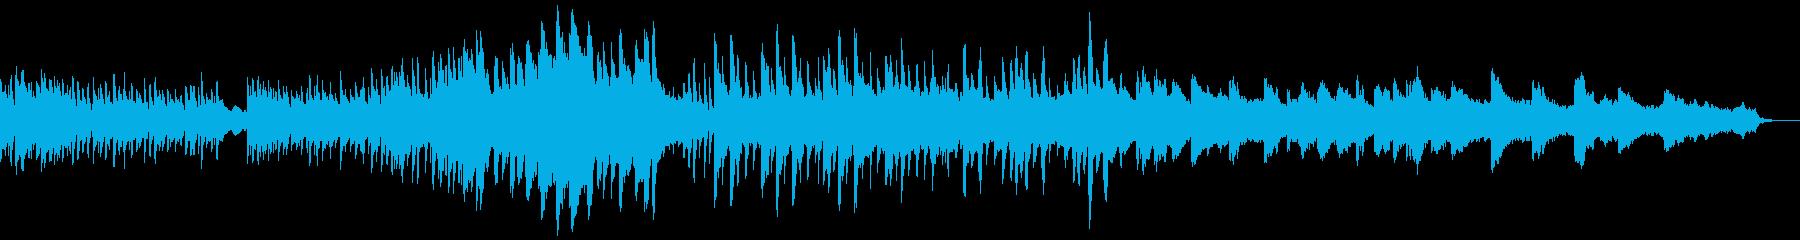 ピアノと弦楽器の幽玄な曲の再生済みの波形